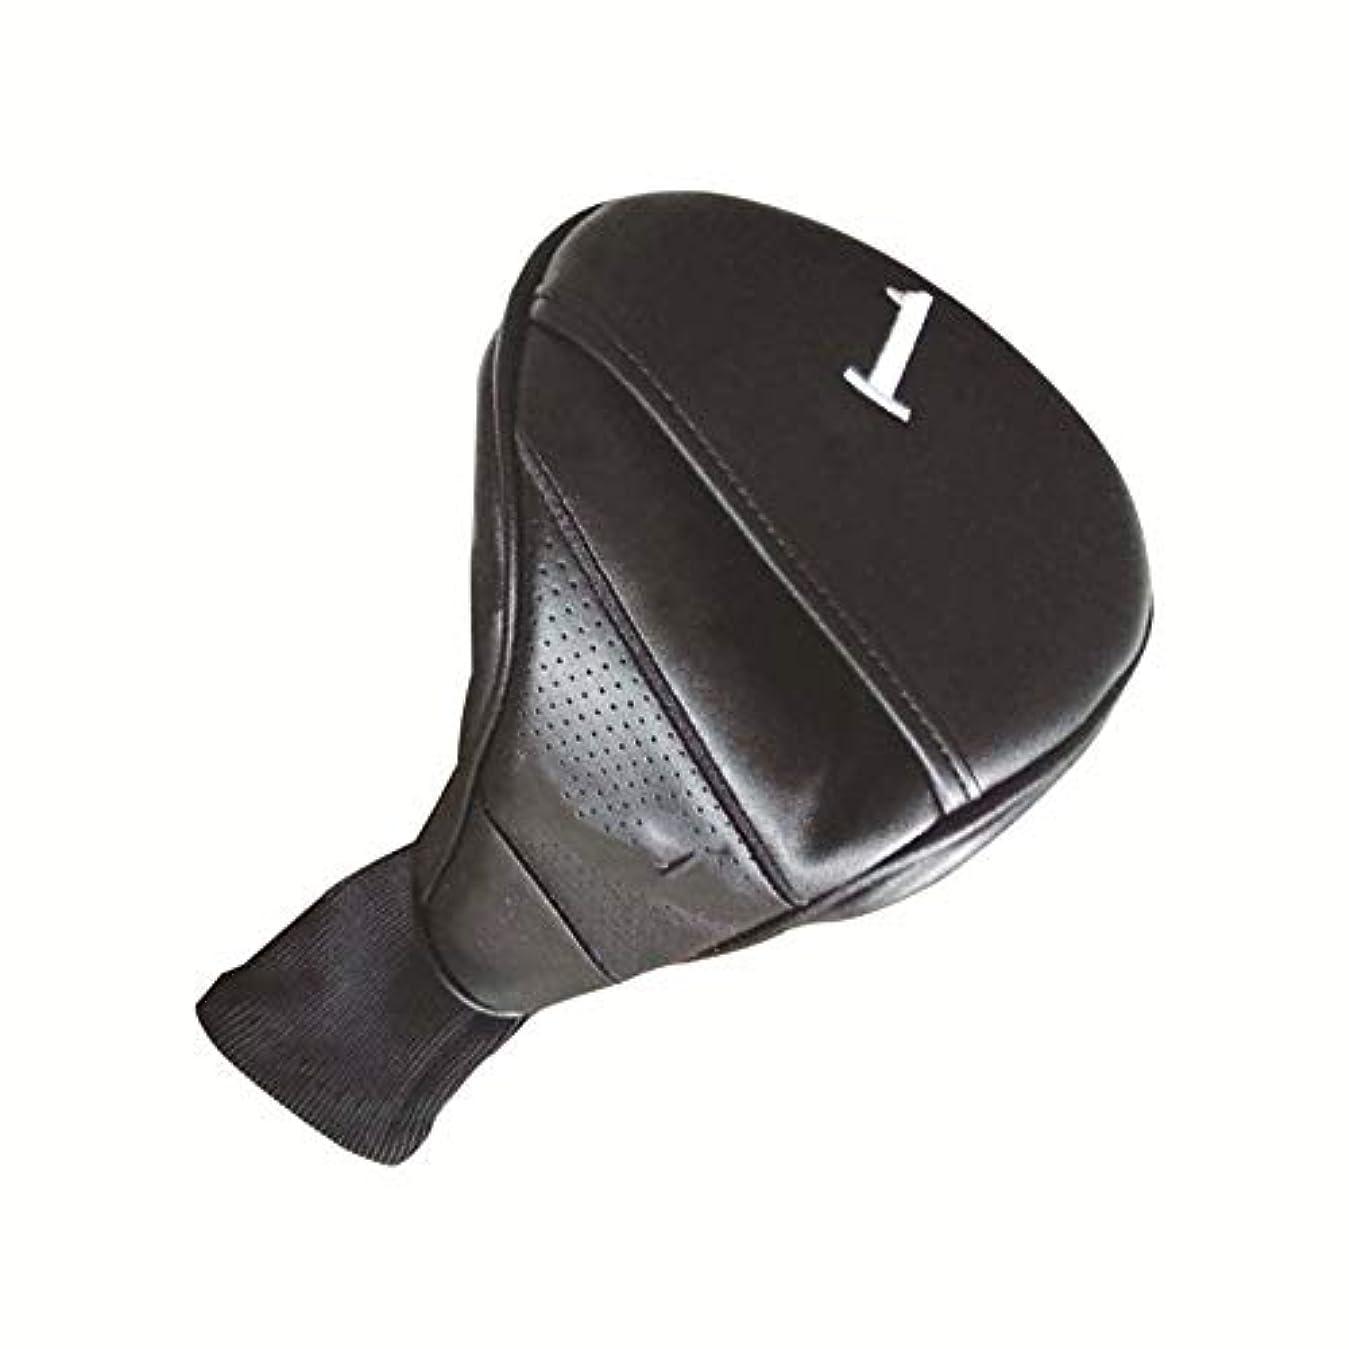 うまくいけば死にかけている日ゴルフクラブカバー ゴルフパターカバーブラックゴルフクラブプロテクター防水PUレザー素材ゴルフパターヘッドカバーユニバーサルスタンダードサイズストレートストリップ (色 : ブラック, サイズ : Free)